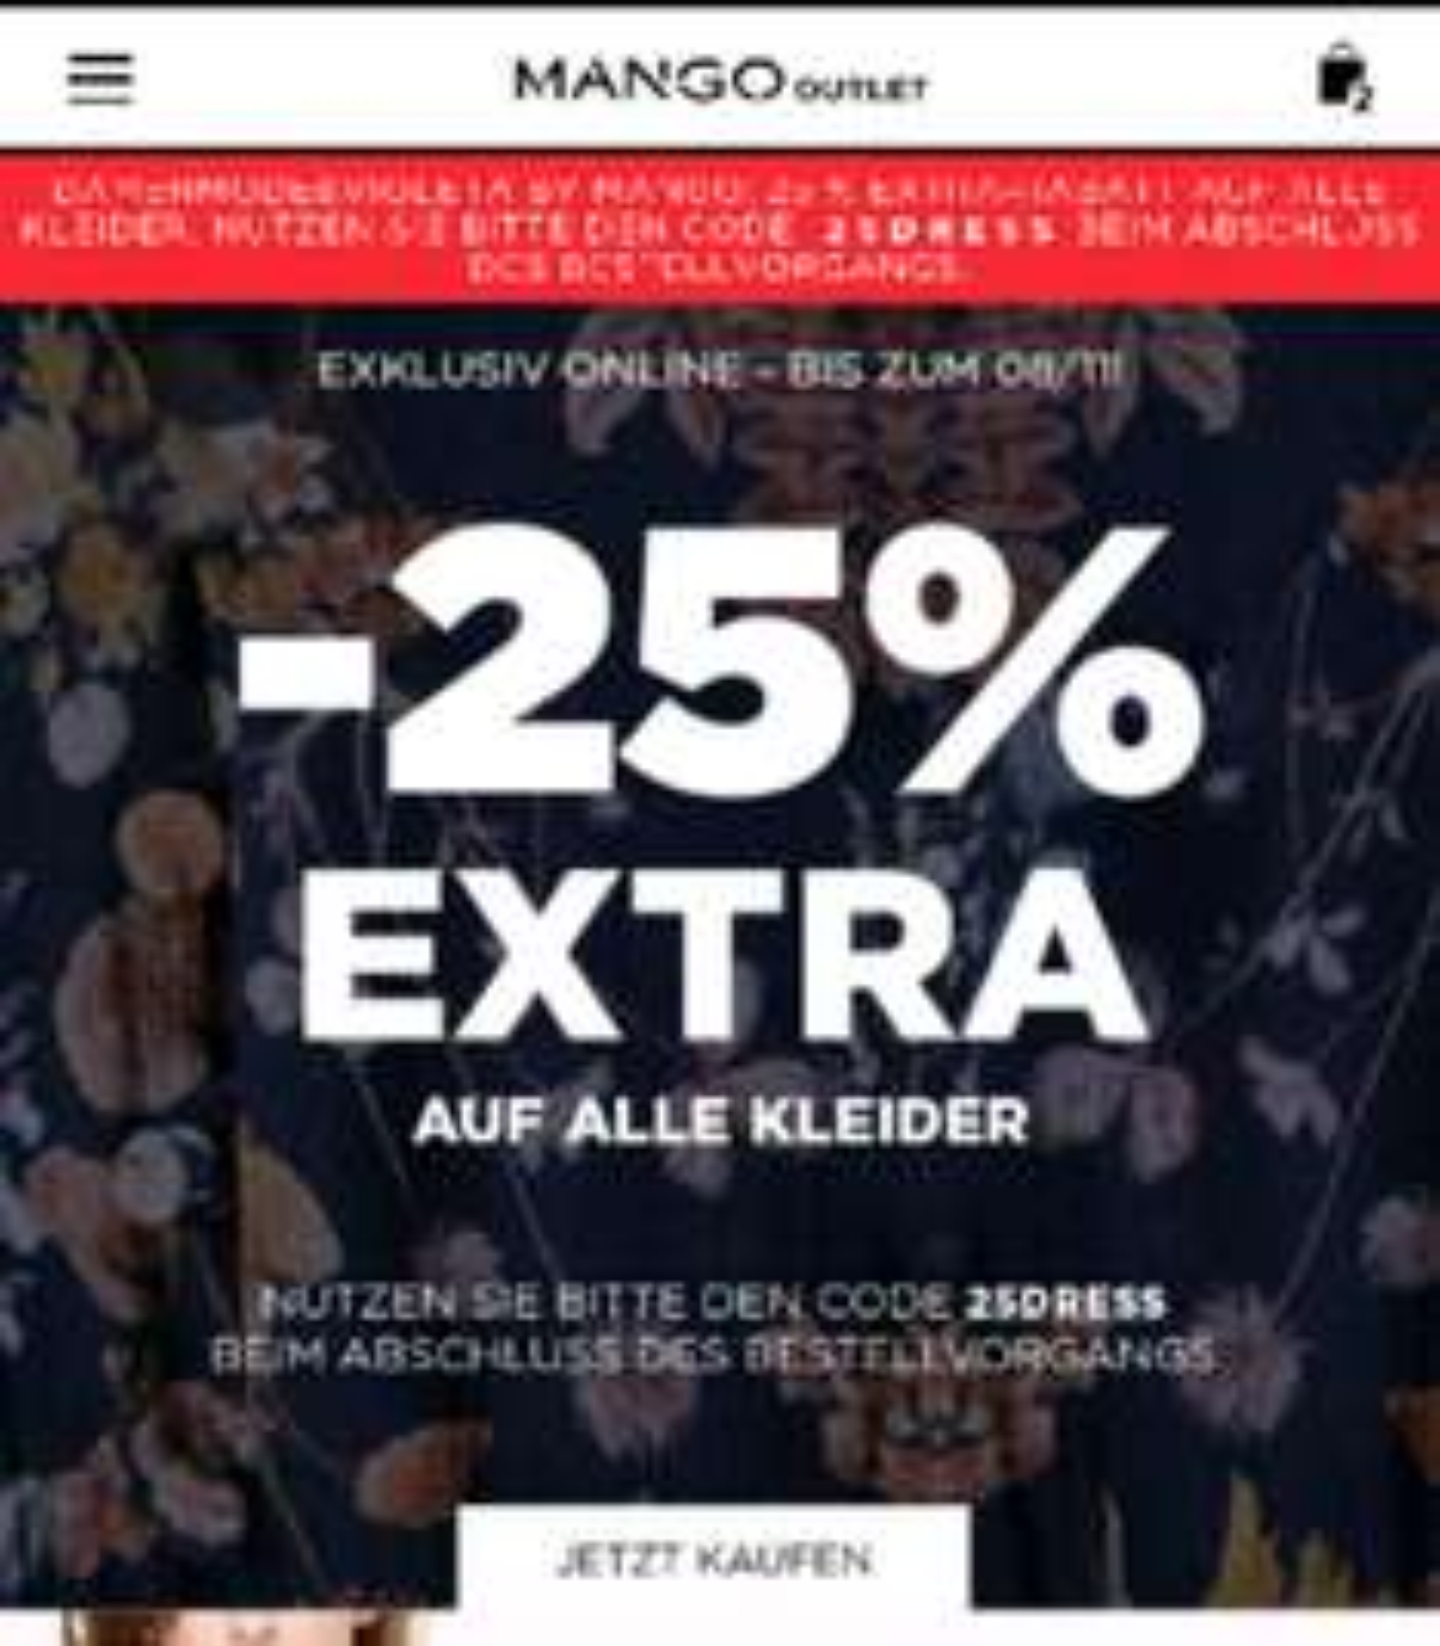 Mango Outlet 25% auf alle Kleider  (Nur bis zum 8.11)